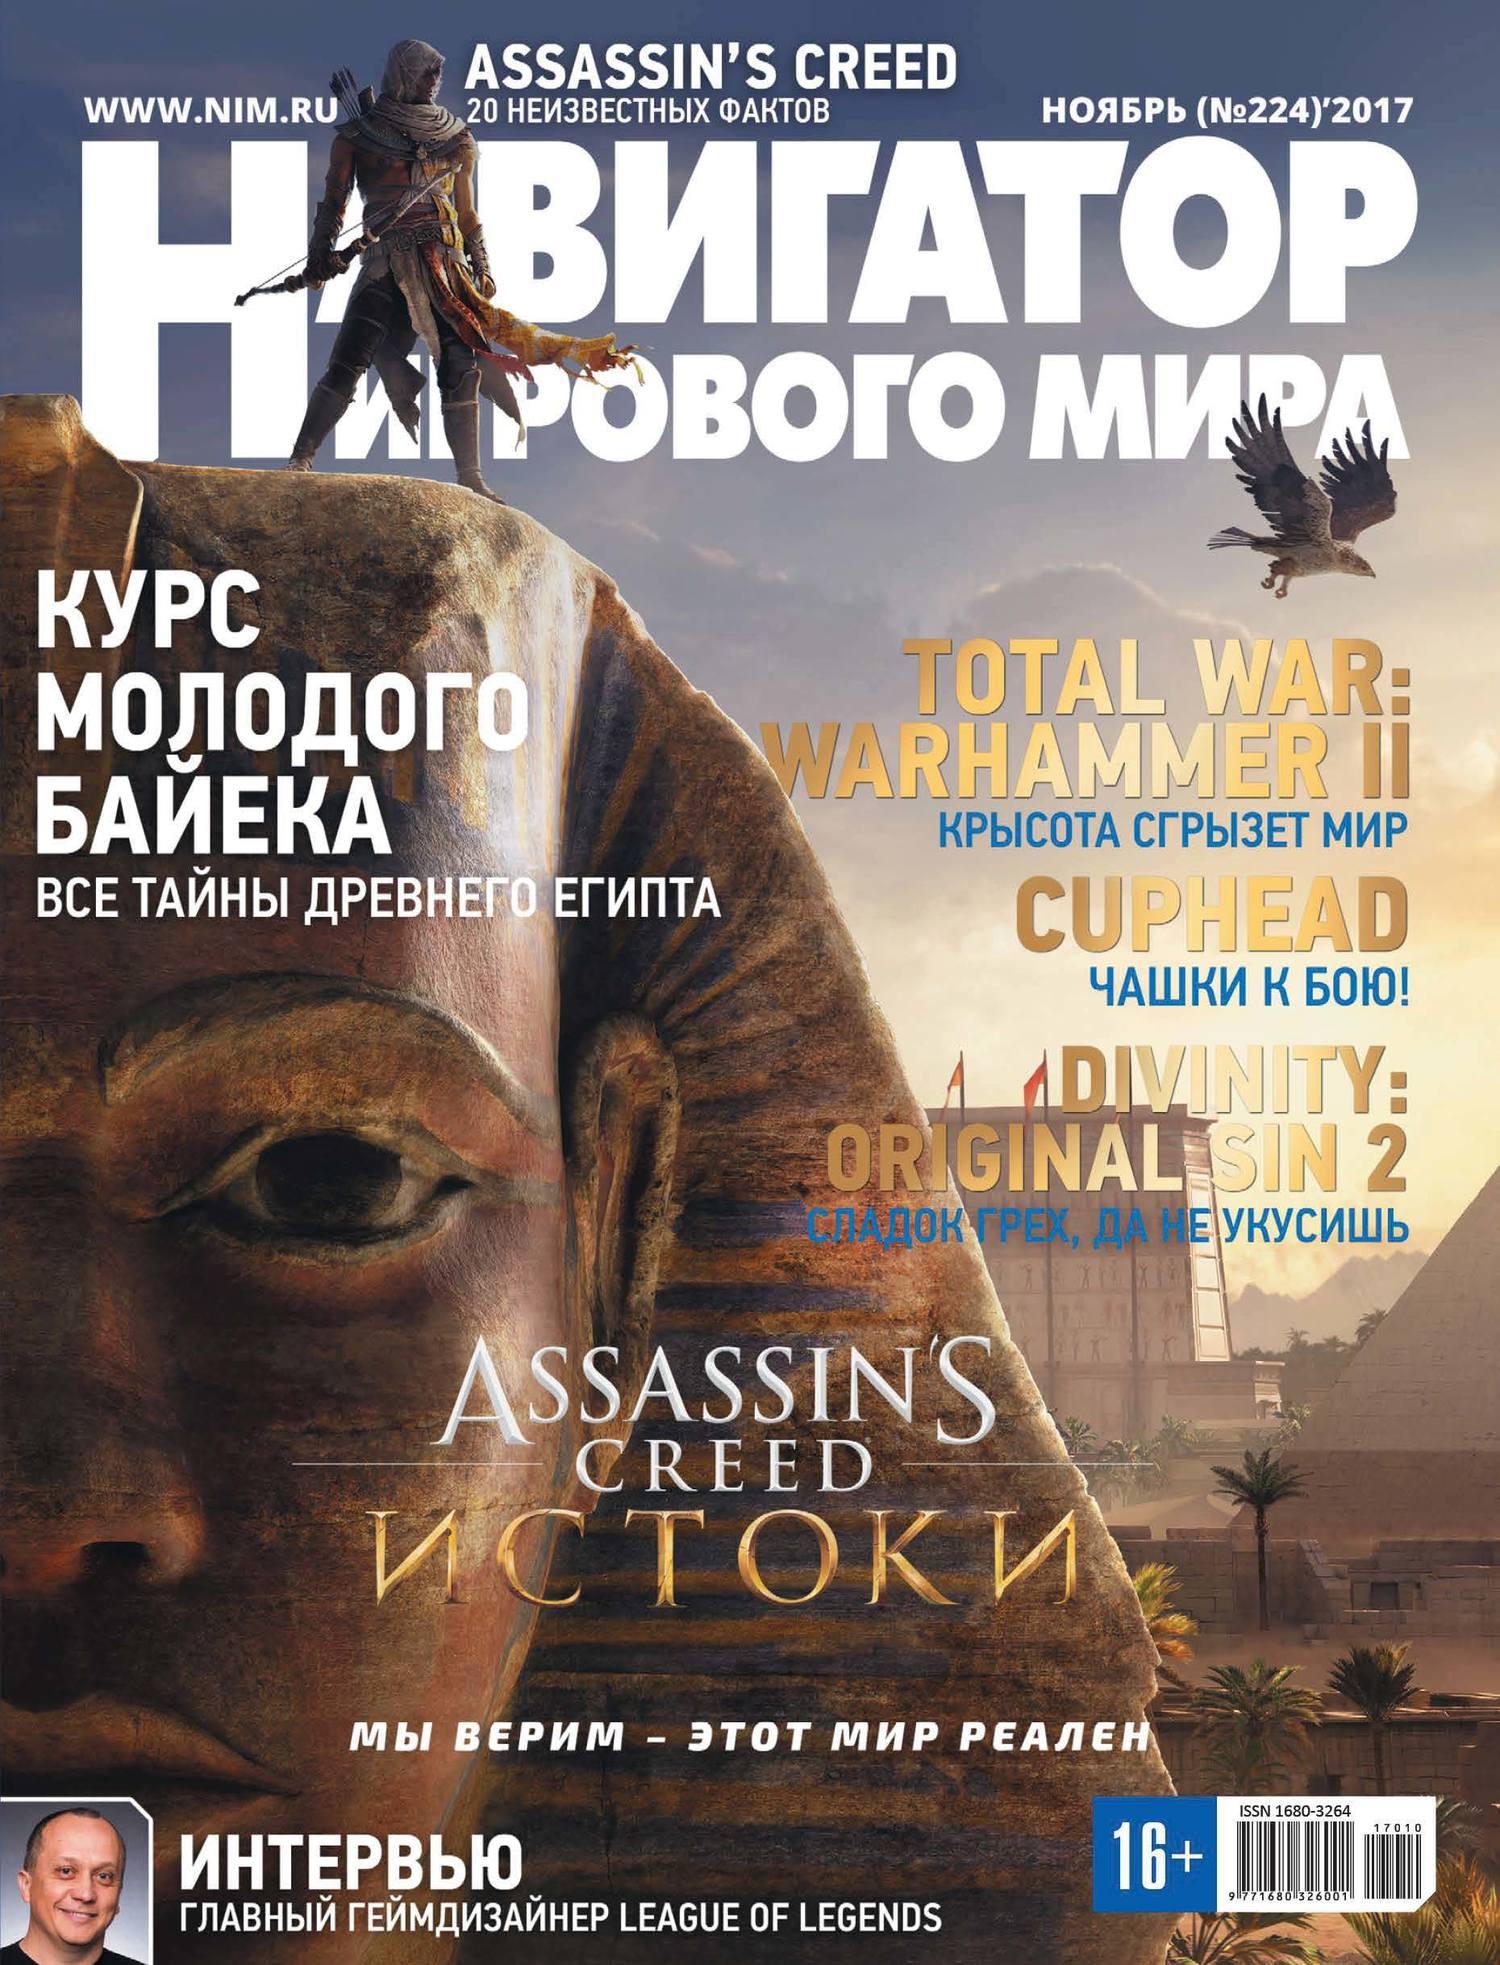 Навигатор игрового мира №11/2017